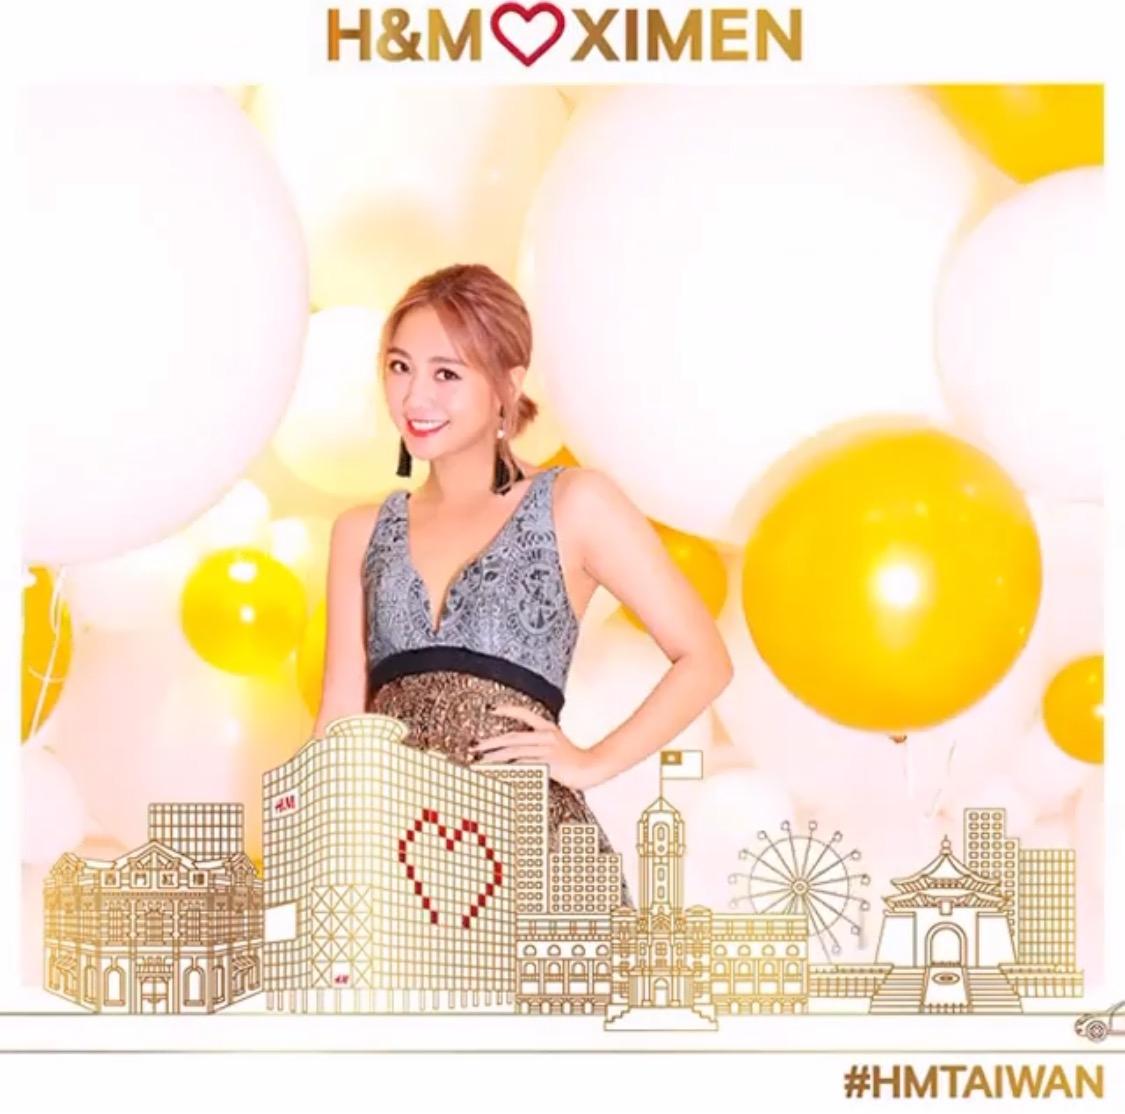 H&M 亞洲最大旗艦店閃耀西門町!林宥嘉連唱3首灌醉現場時尚咖、周湯豪接力當DJ引爆派對